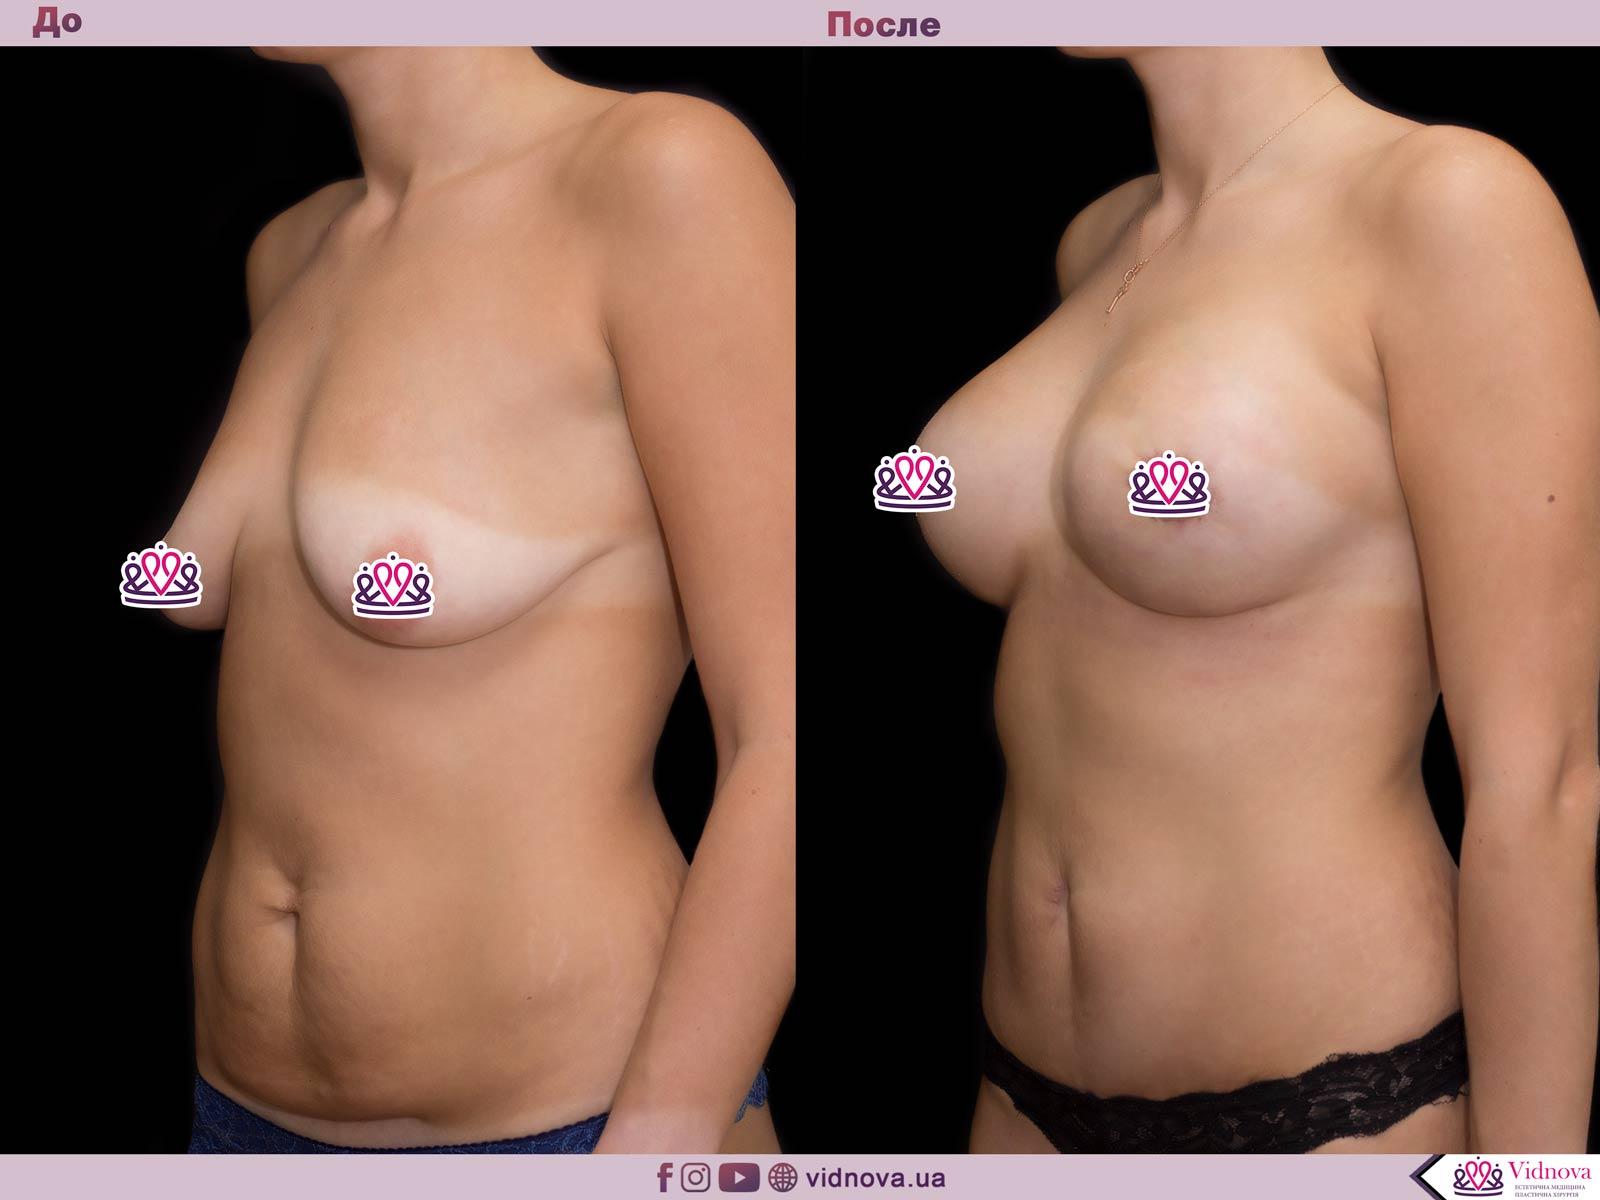 Пластика груди: результаты до и после - Пример №61-1 - Светлана Работенко